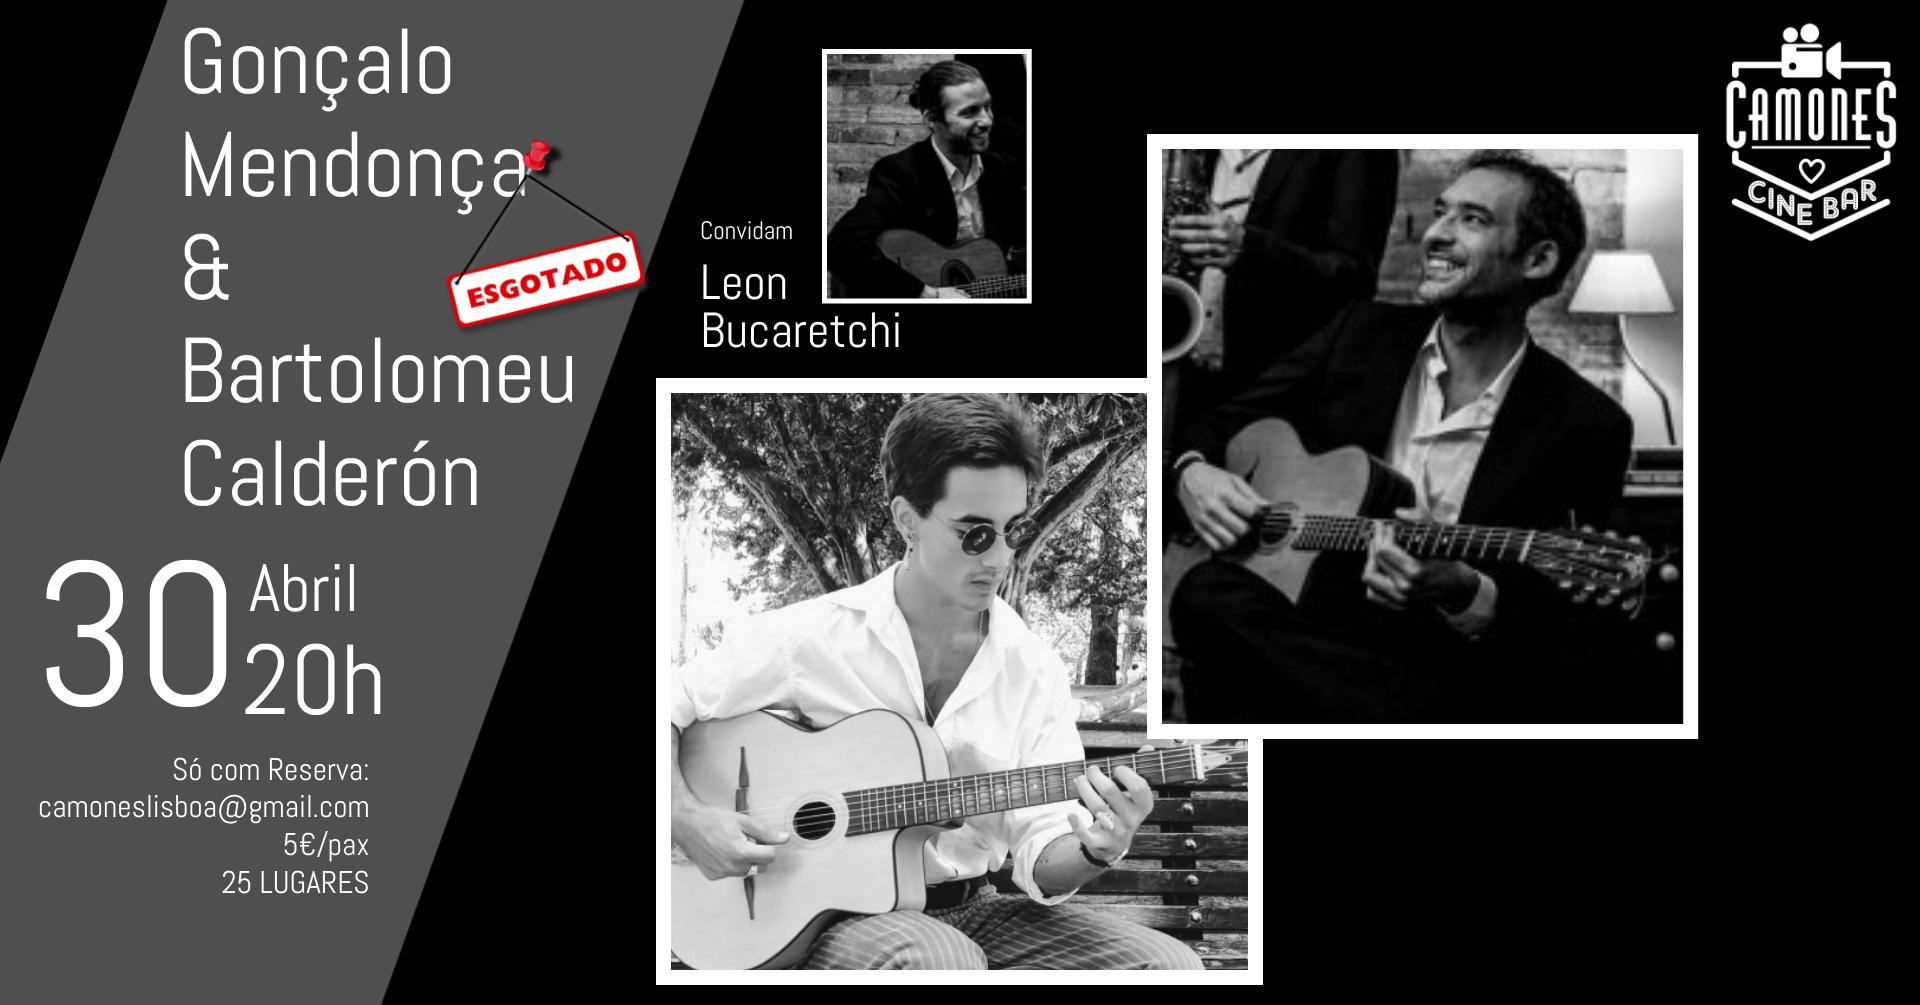 Jazz Manouche com Gonçalo Mendonça e Bartolomeu Calderón